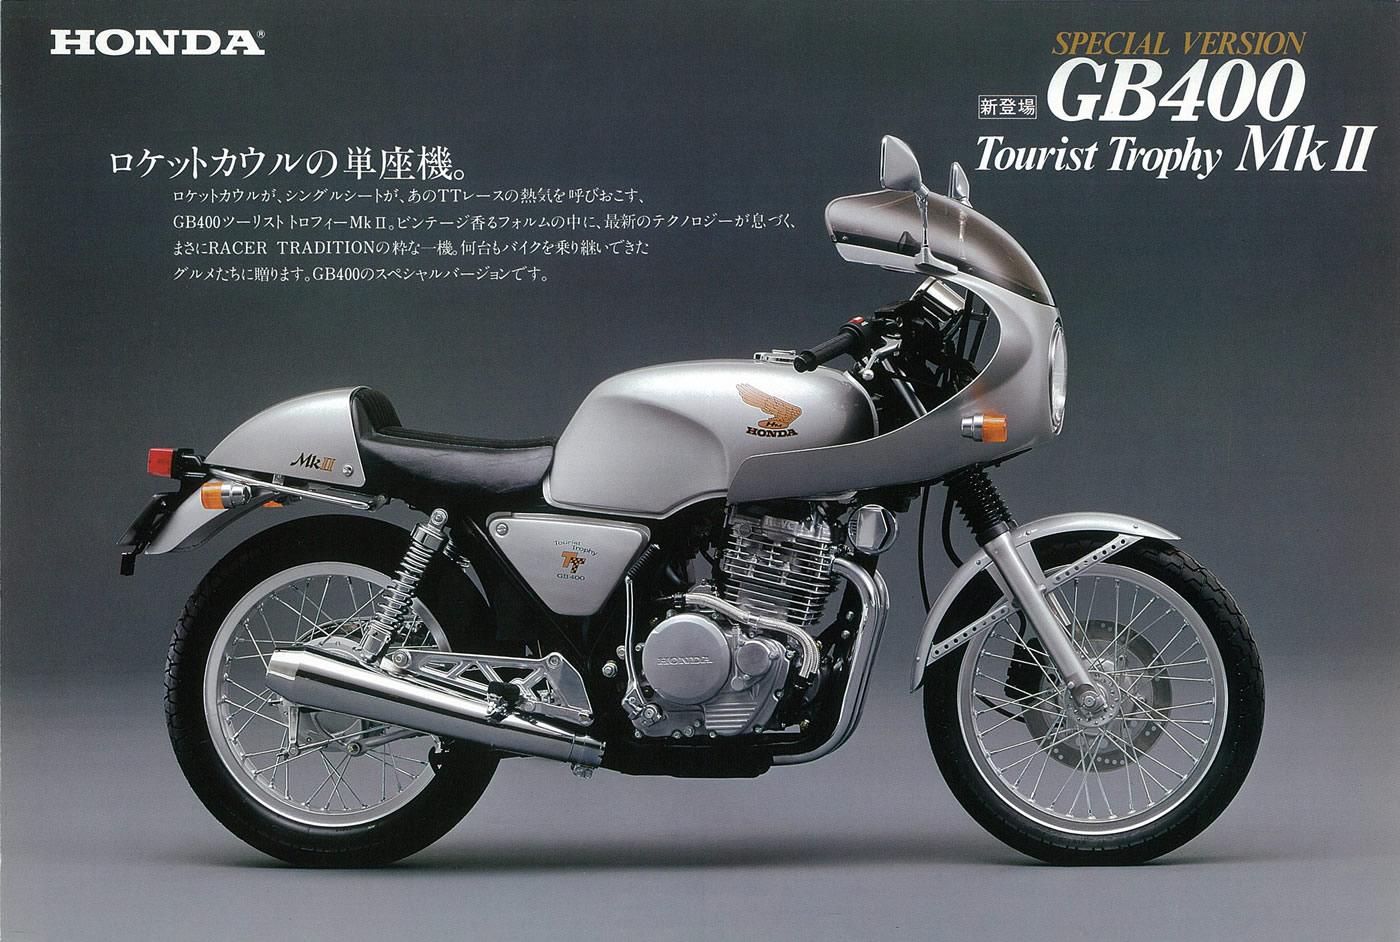 現状渡し 格安 GB400TT Mk2_a0139912_1135461.jpg